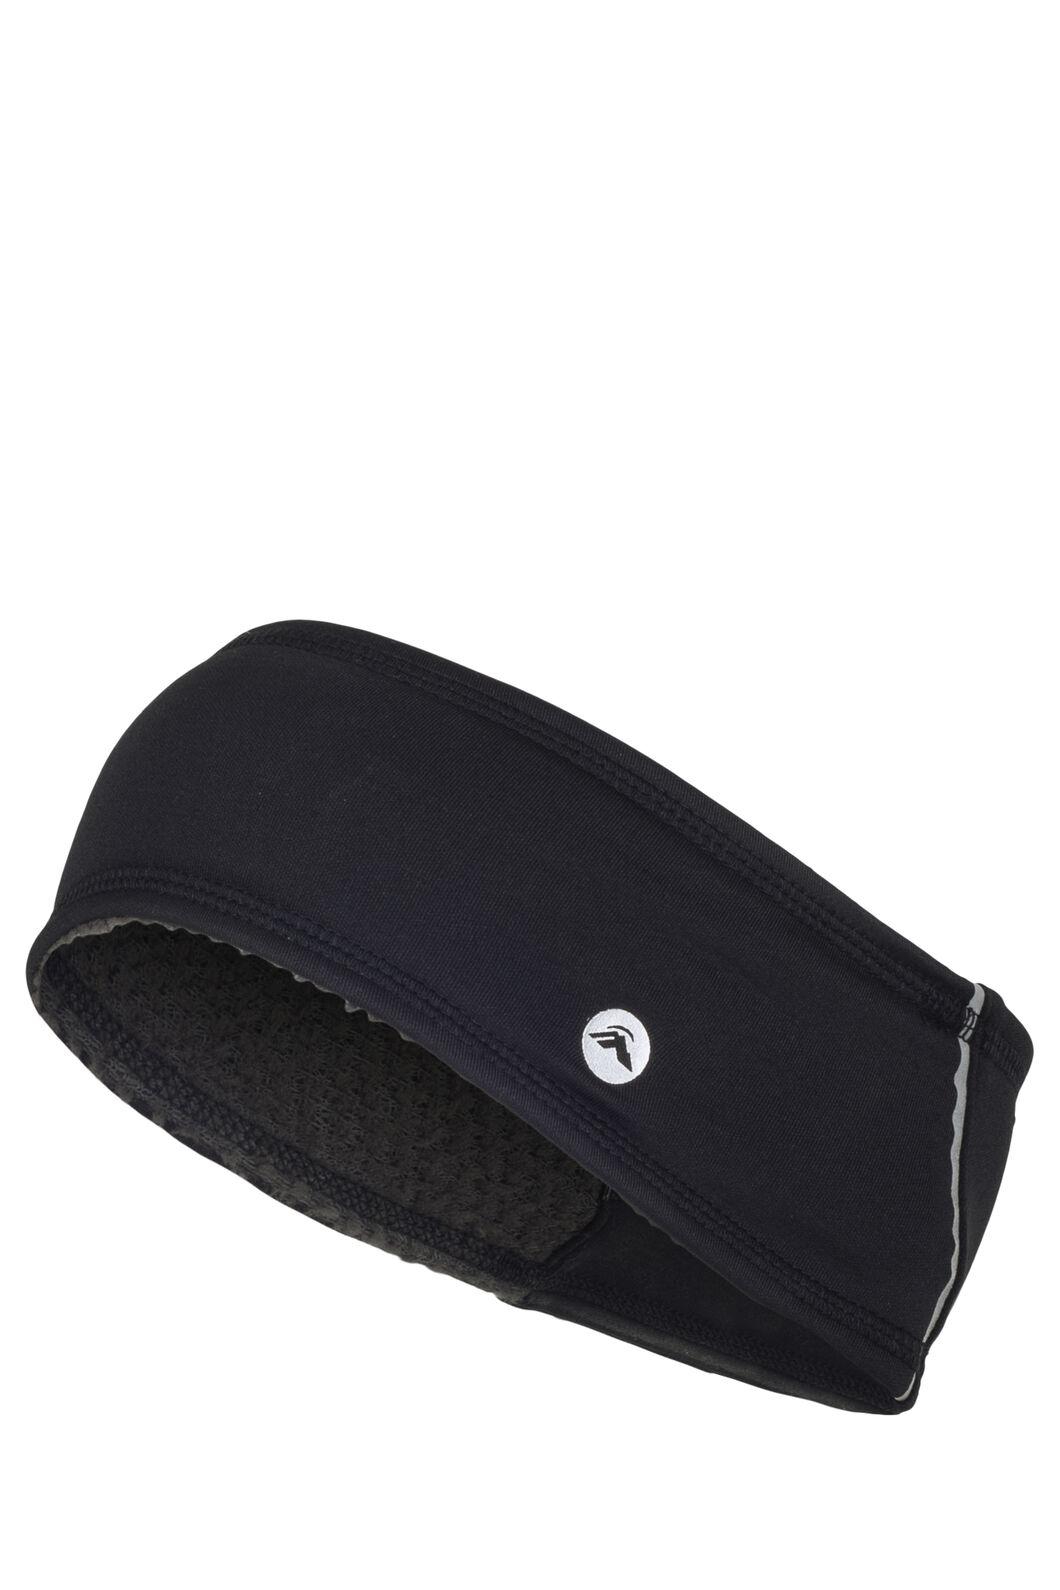 Macpac Alpha Headband, Black, hi-res